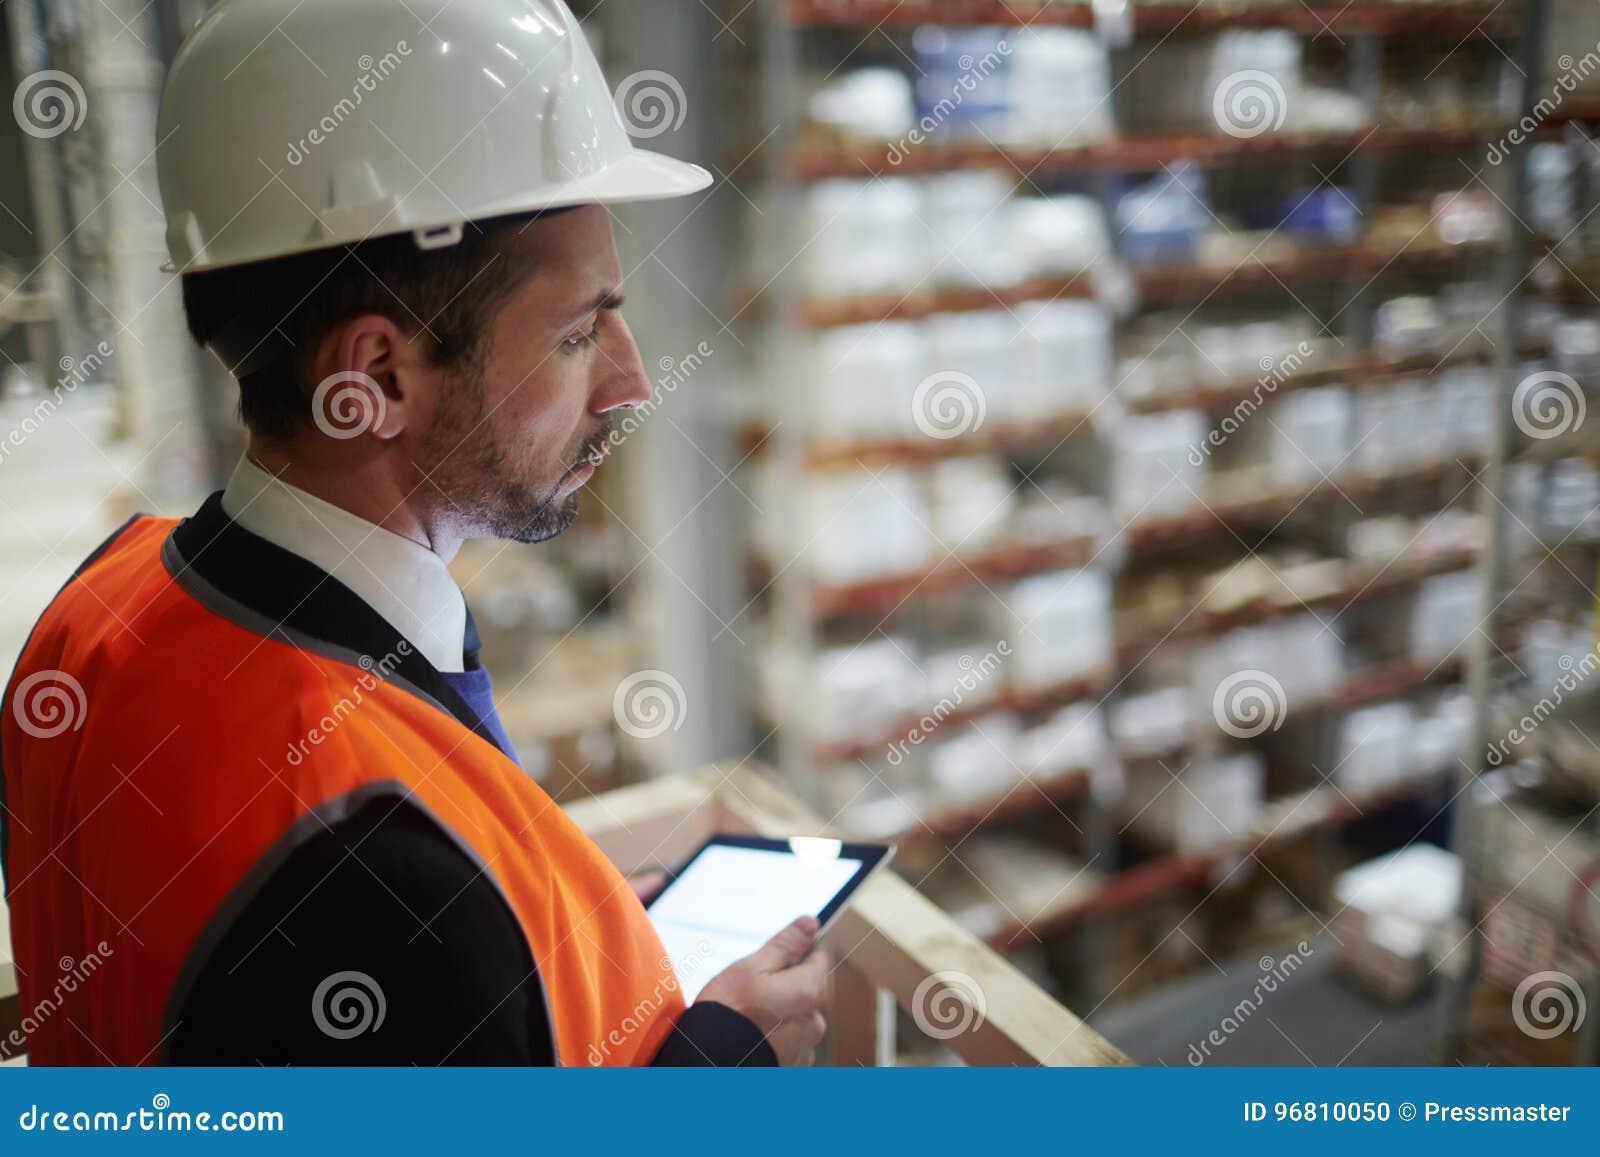 Εργασία εποπτείας διευθυντών αποθηκών εμπορευμάτων